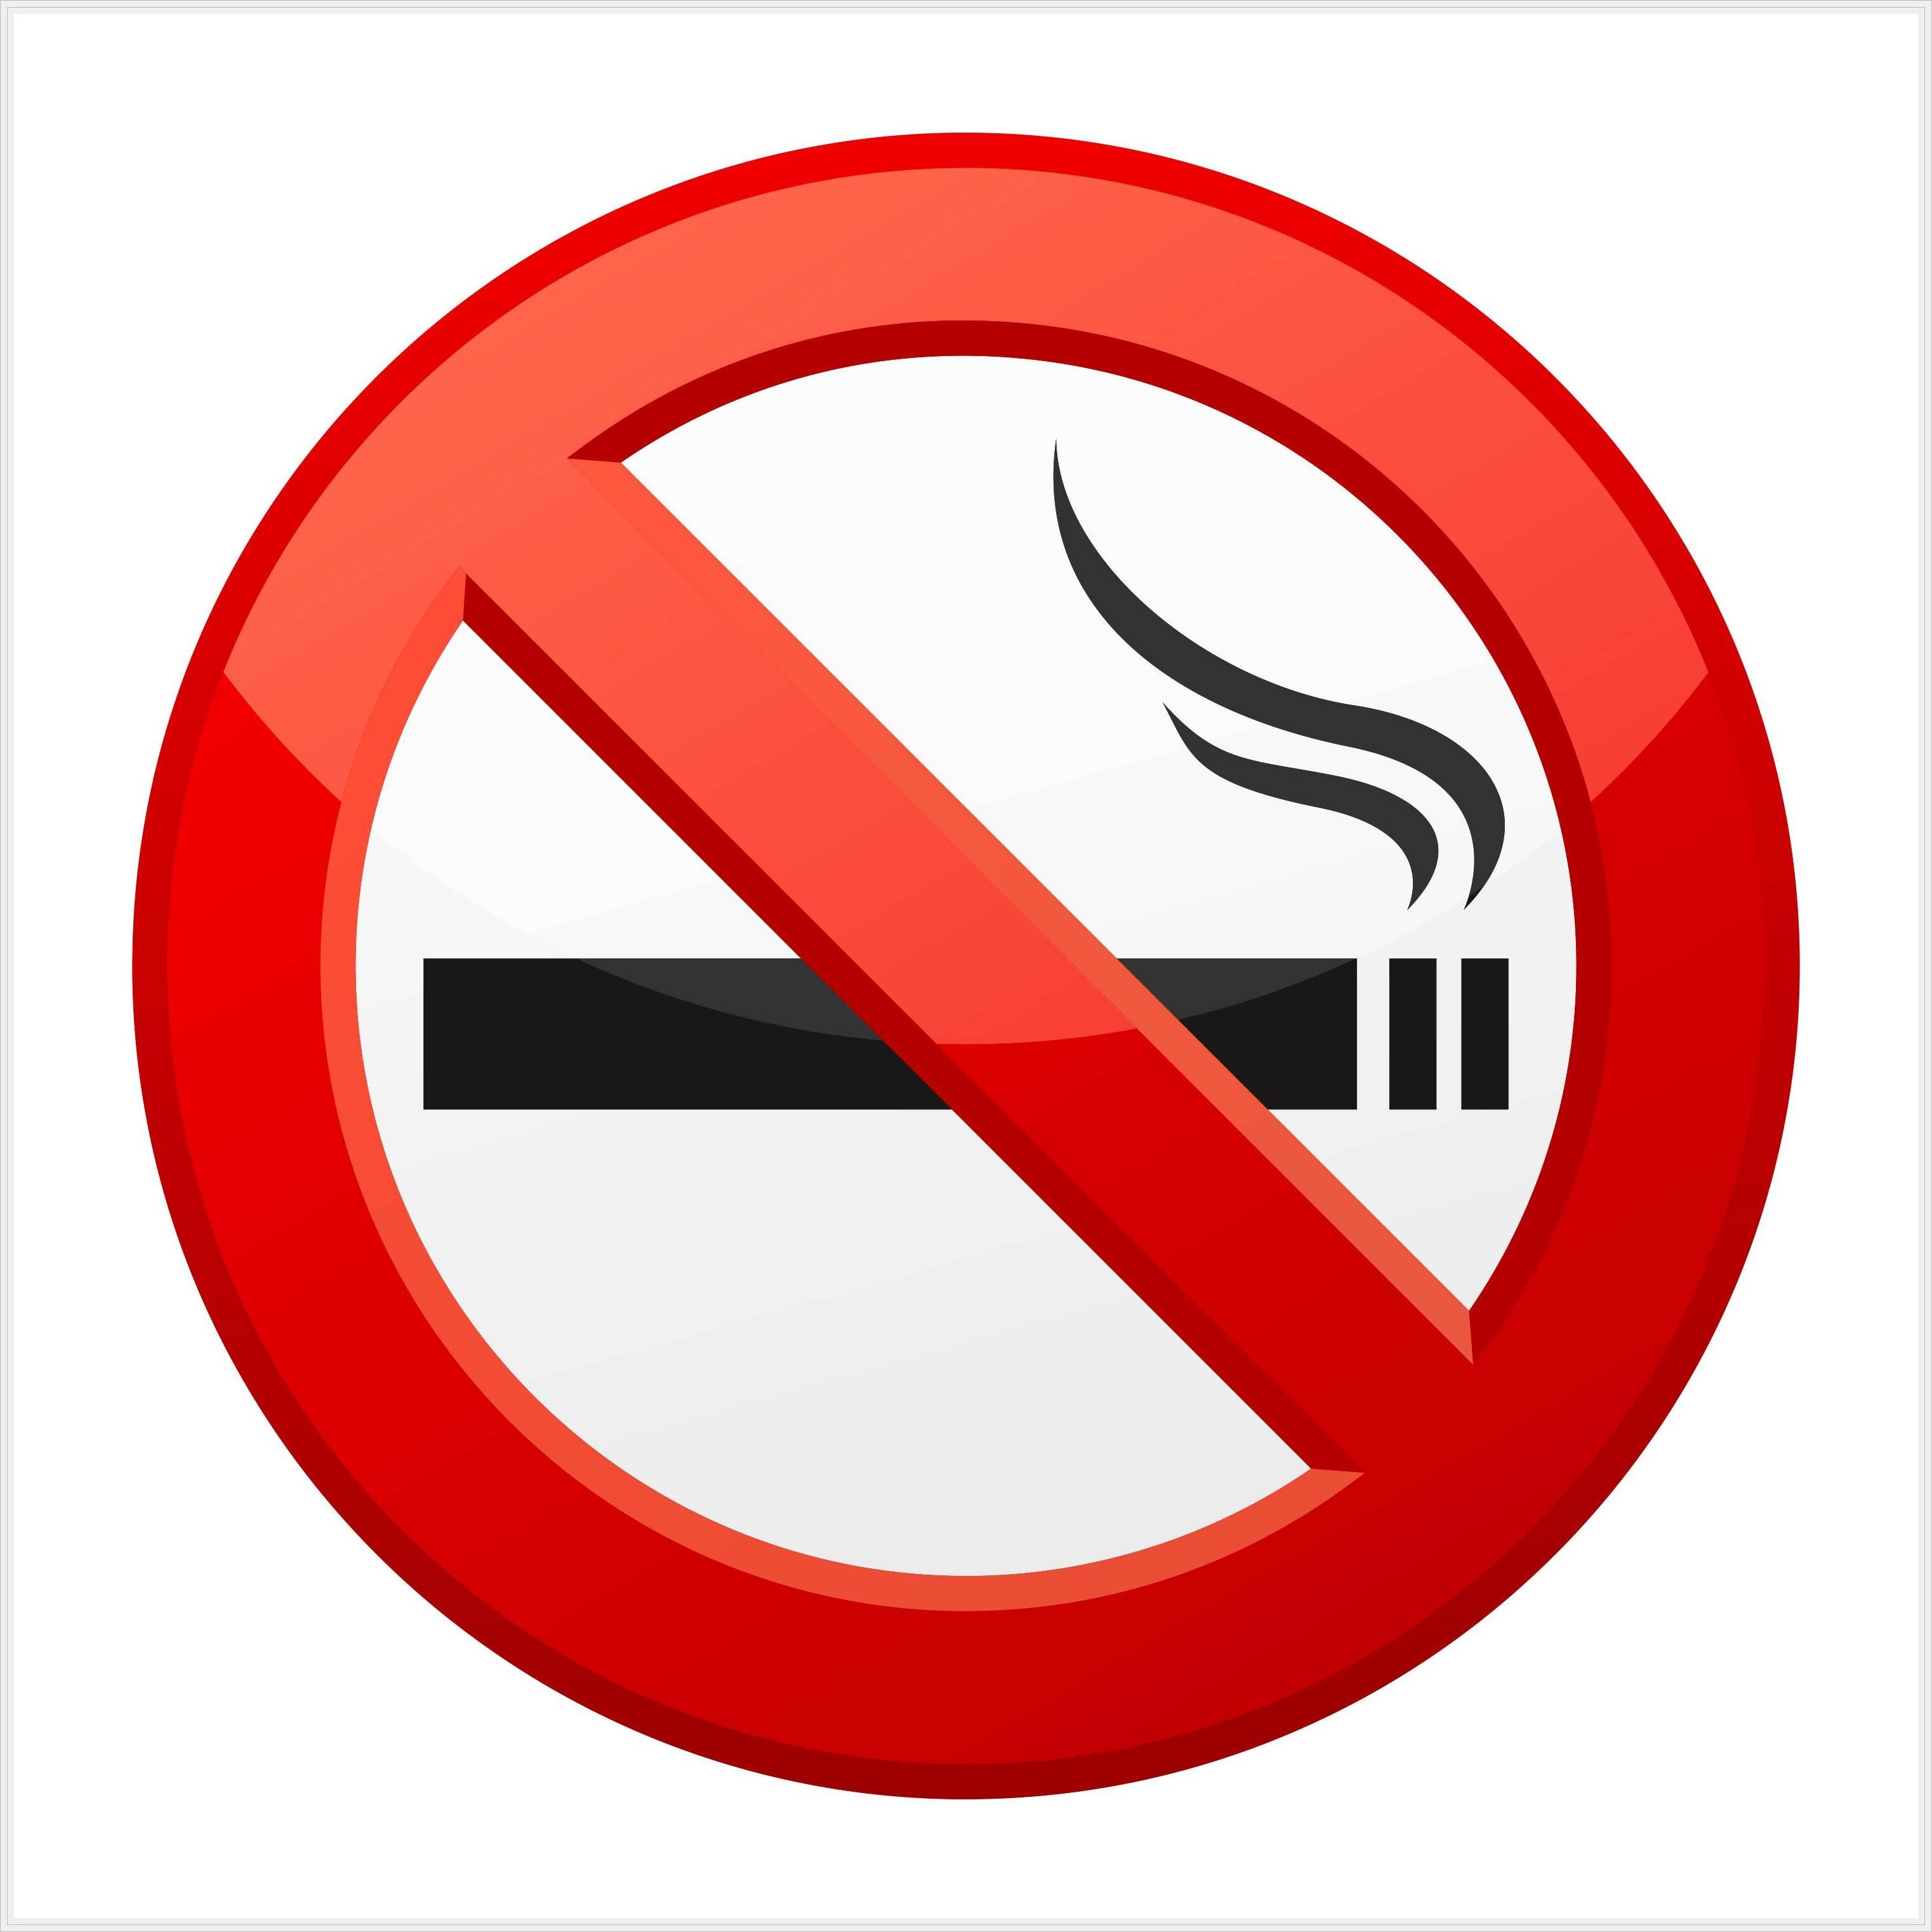 No Smoking Hd Wallpaper   ClipArt Best 3044x3044